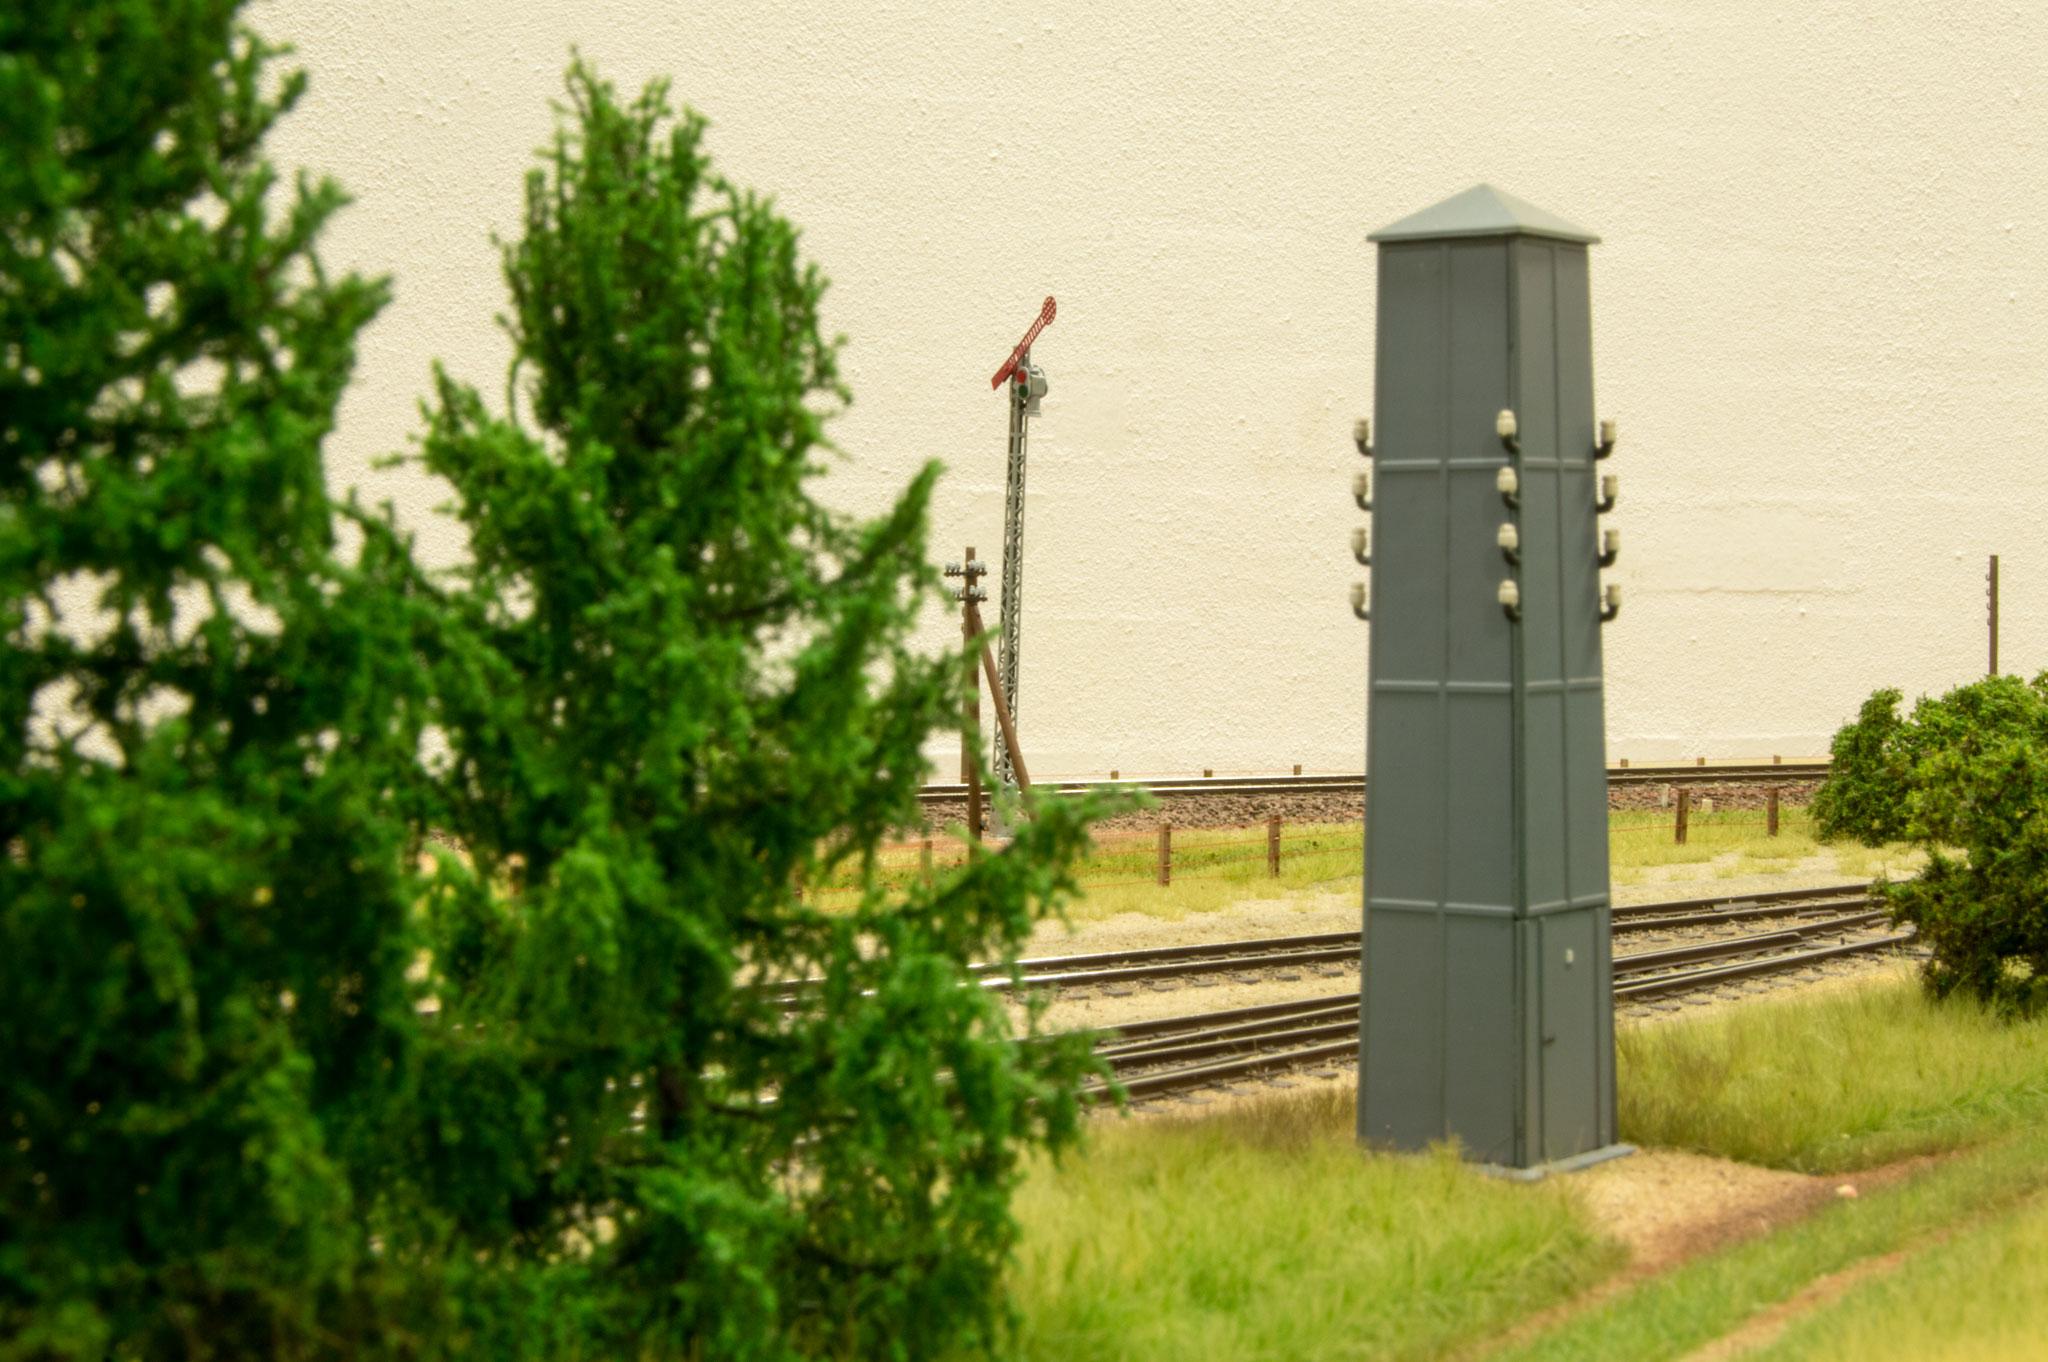 Sidste Søbylundbillede er af en transformatorstation med armsignal i baggrunden